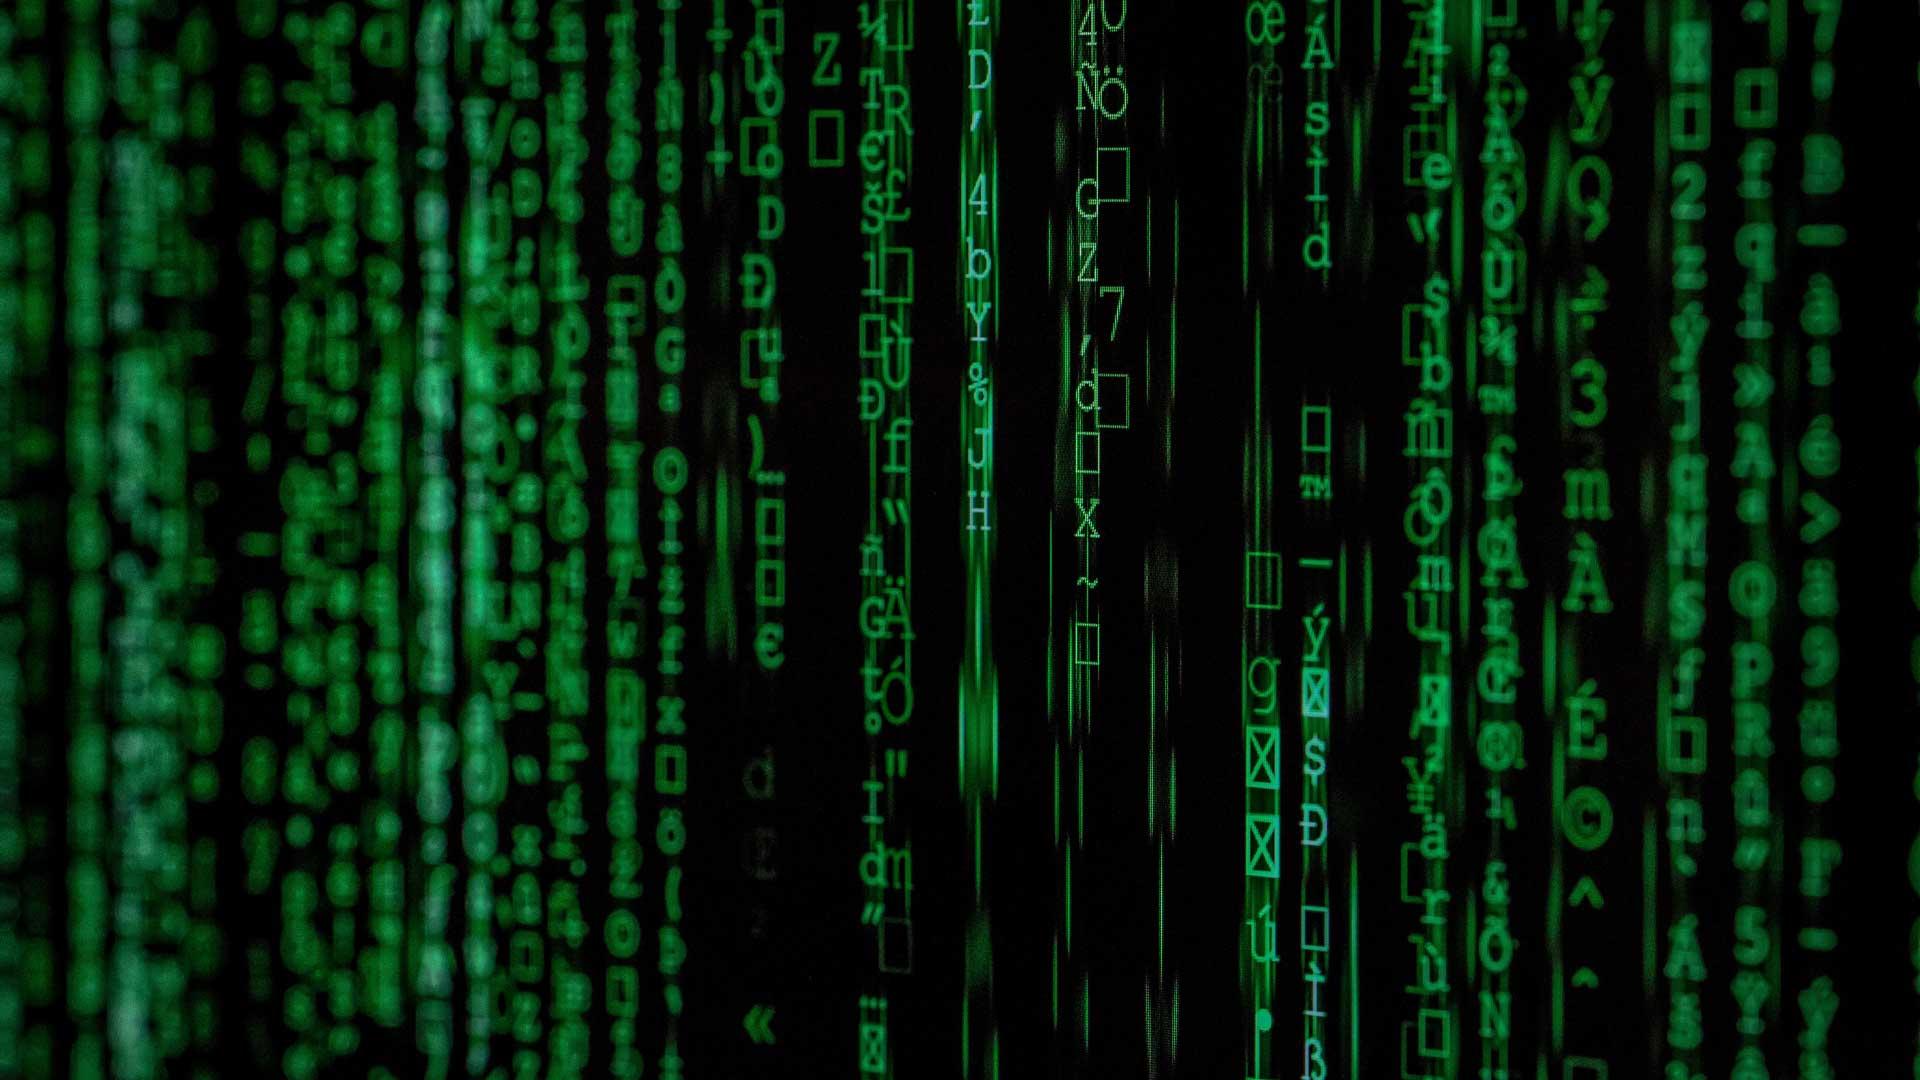 Grüne Buchstaben laufen über Computerbildschirm.